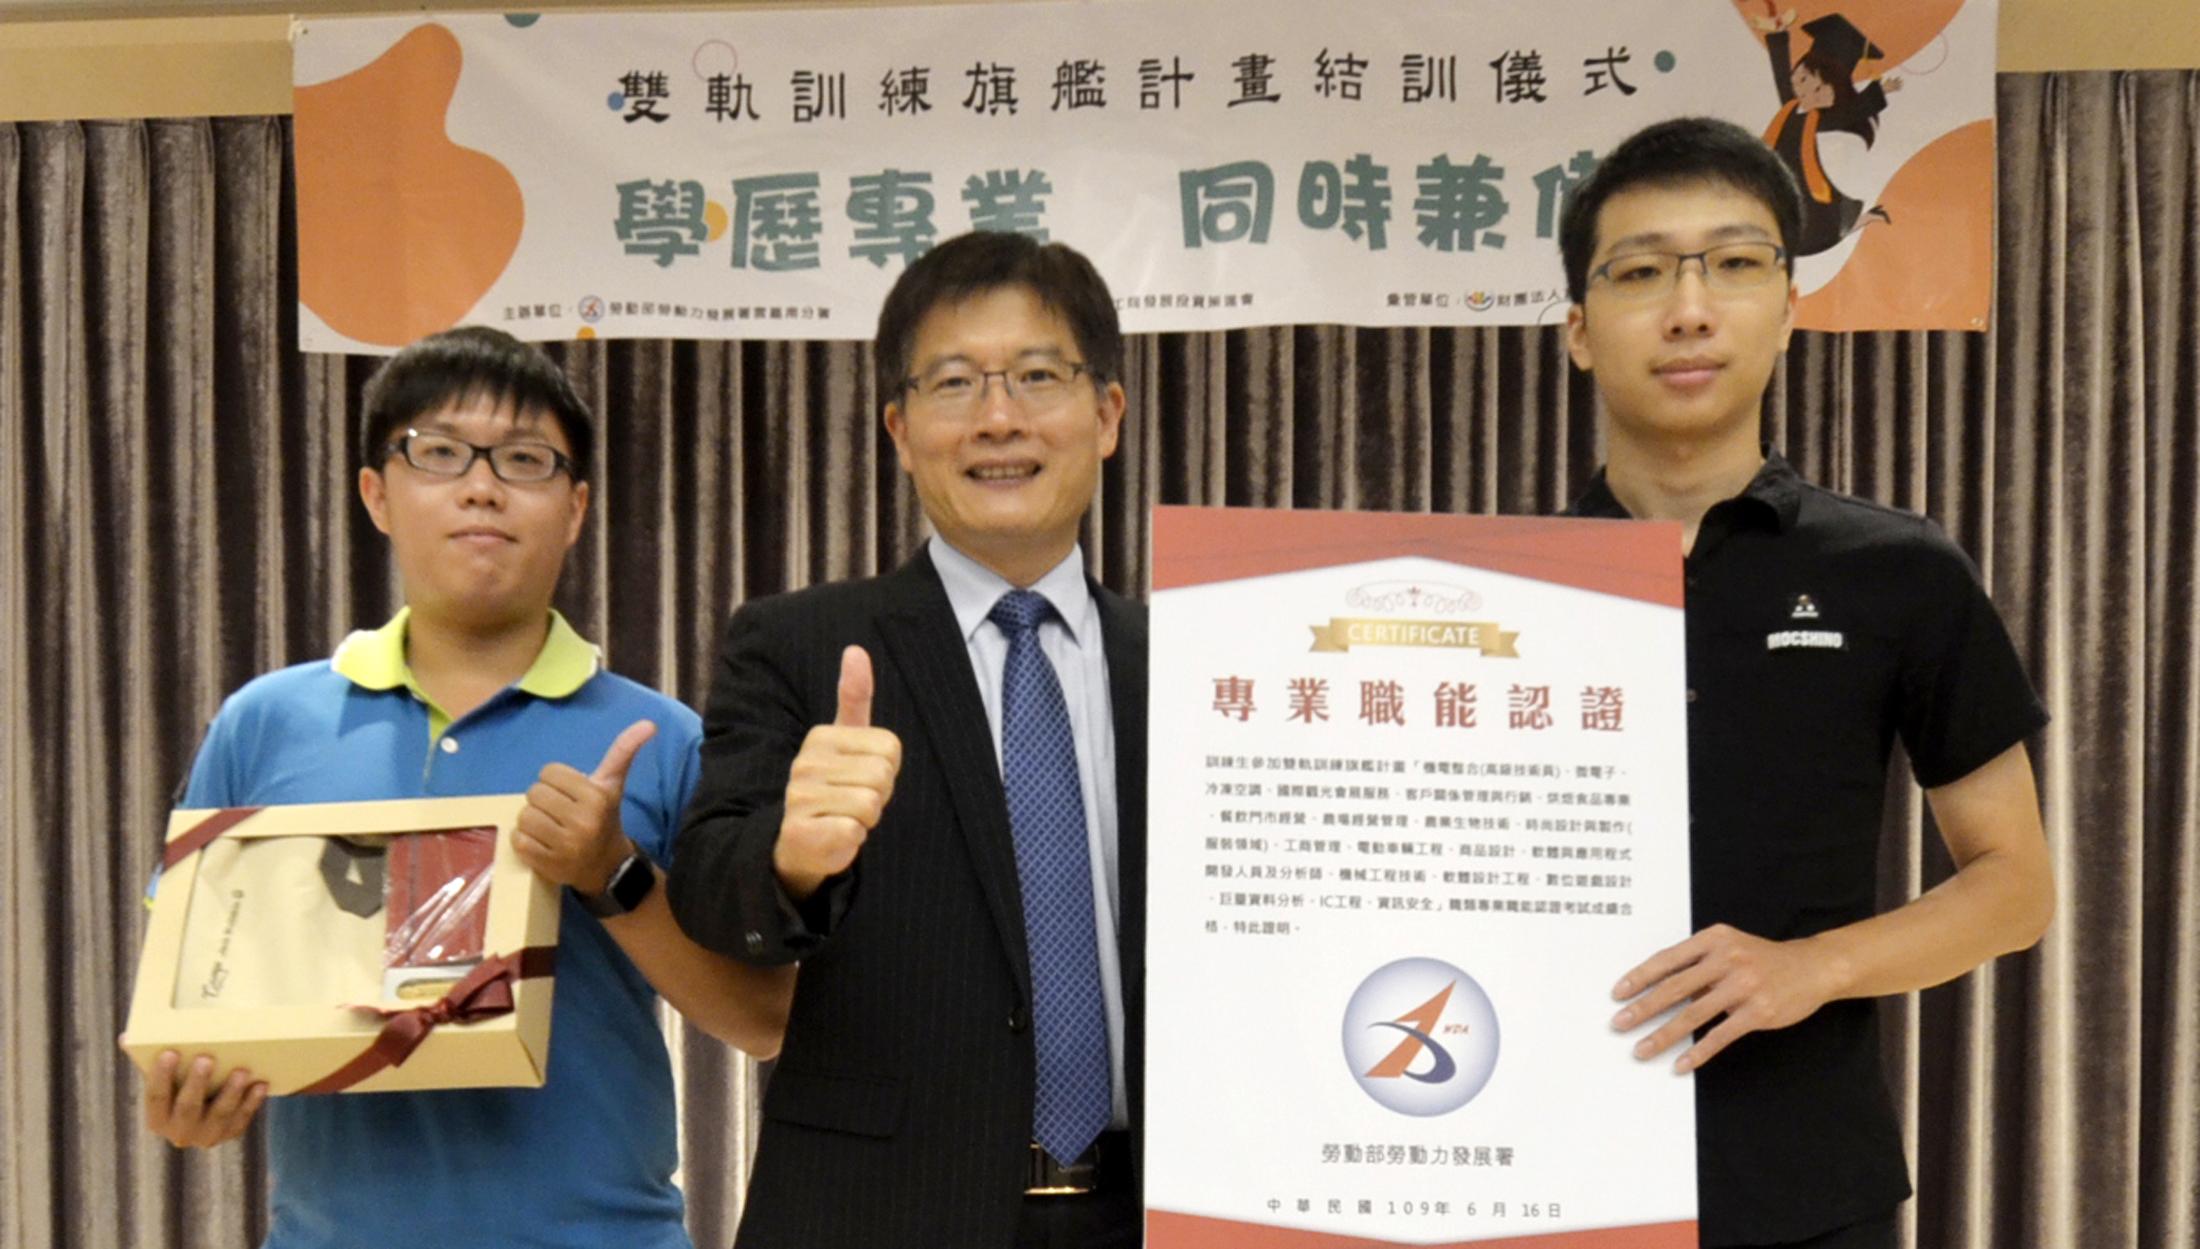 黃偉軍(左)、黃禹仁(右)畢業後皆獲企業留任,分署長劉邦棟(中)給讚肯定。